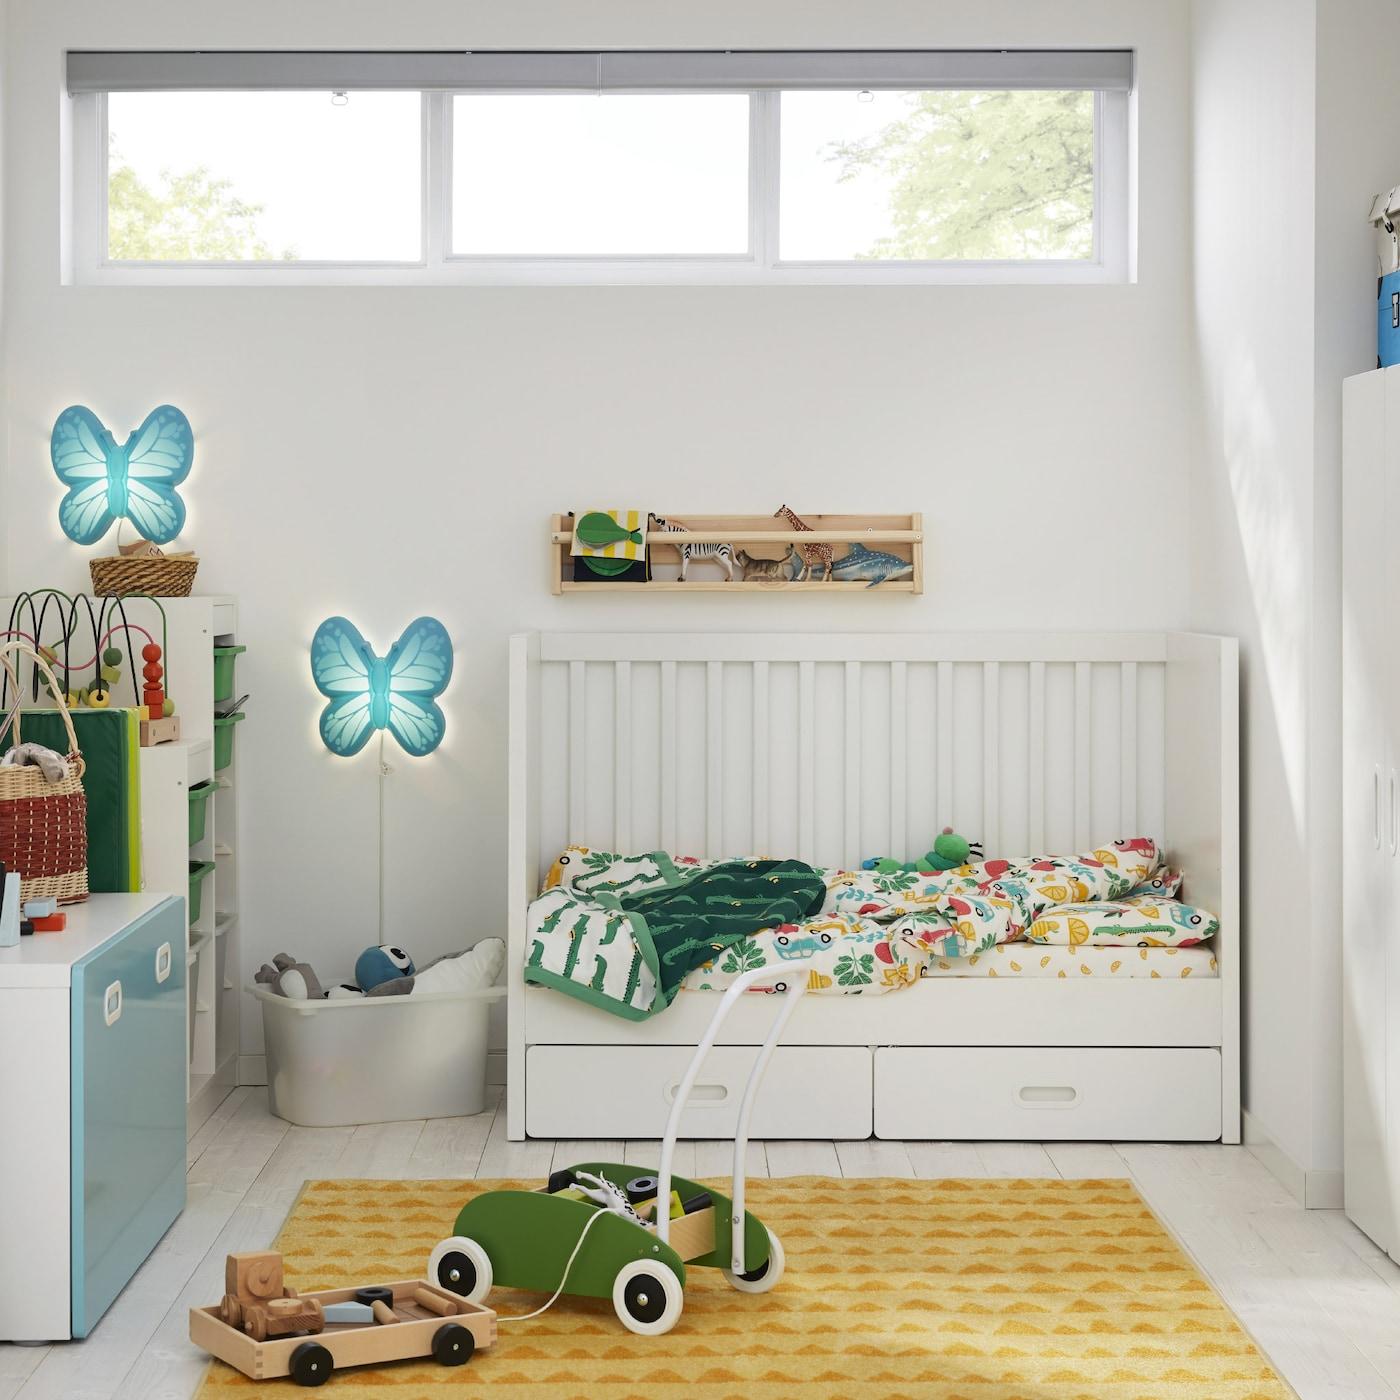 Een kinderkamer met een wit kinderbedje, een geel kleed, een witte kleerkast, een groene peutertruck en vlindervormige wandlampen.